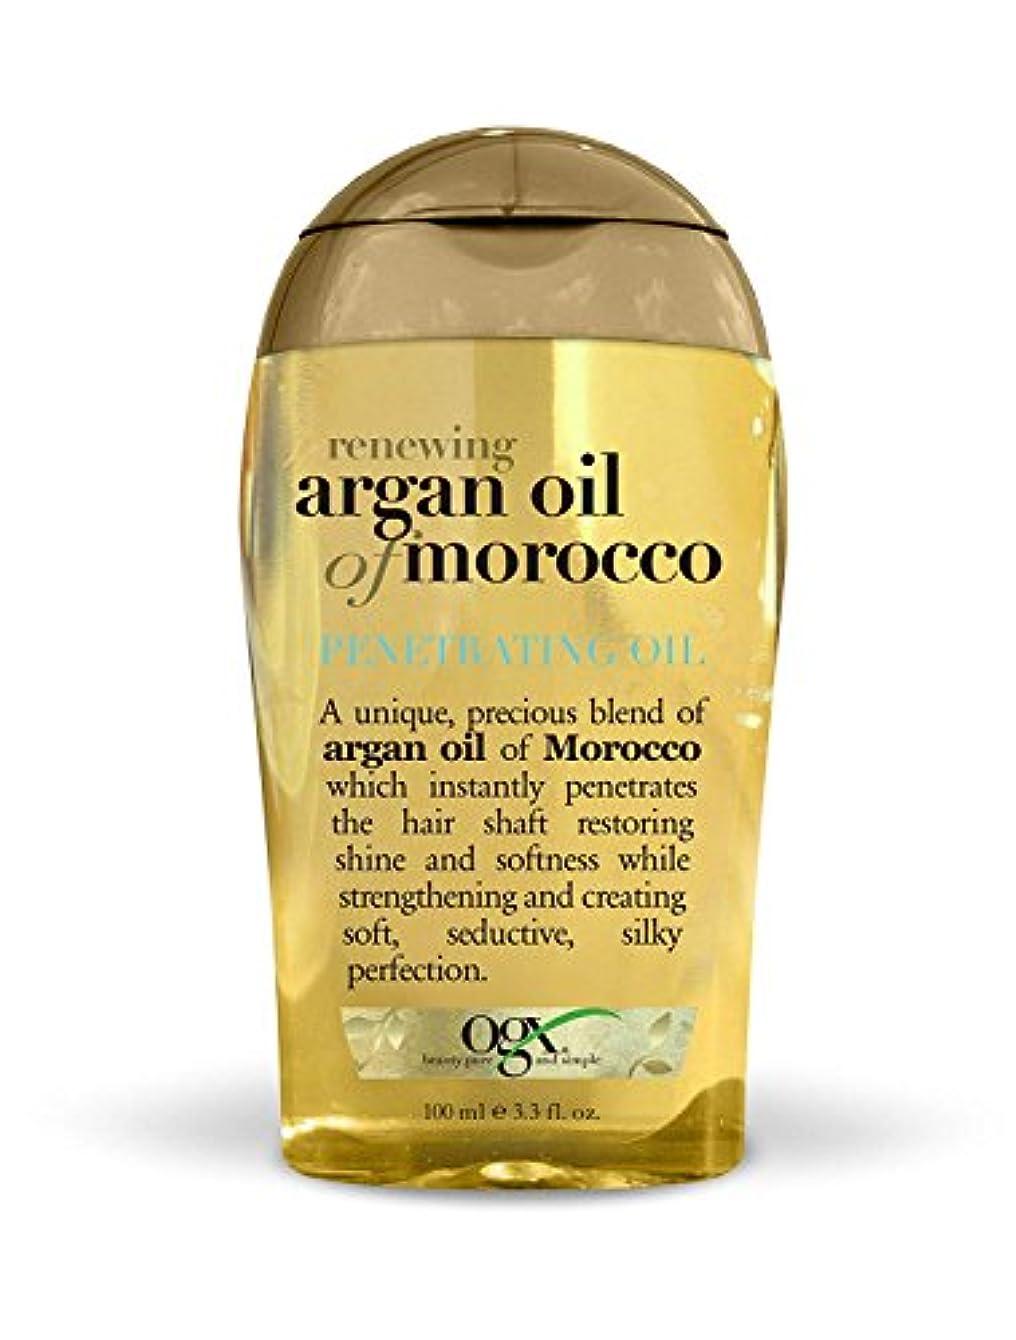 症状ソファーお尻Organix Moroccan Argan Oil Penetrating Oil 100 ml x 2 パック (並行輸入品)